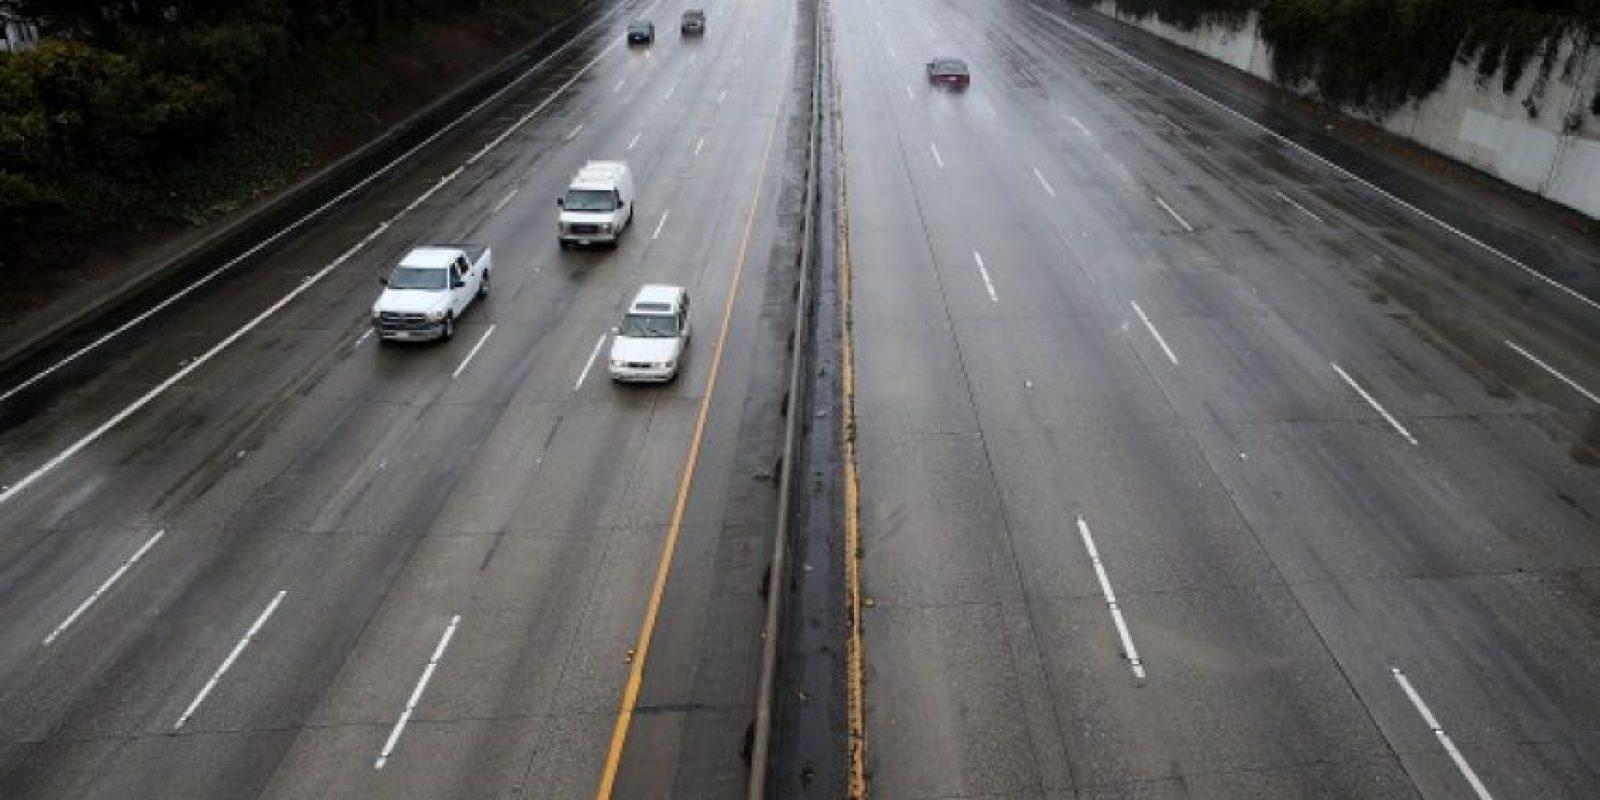 No conduzca cansado, ni con sueño, si el automóvil tiene alguna falla deténgase en una curva, siempre rebase por la derecha, y mantenga menos de 5 metros de distancia con el vehículo de enfrente, para que tenga tiempo de hacer frenados de emergencia. Foto:Getty Images